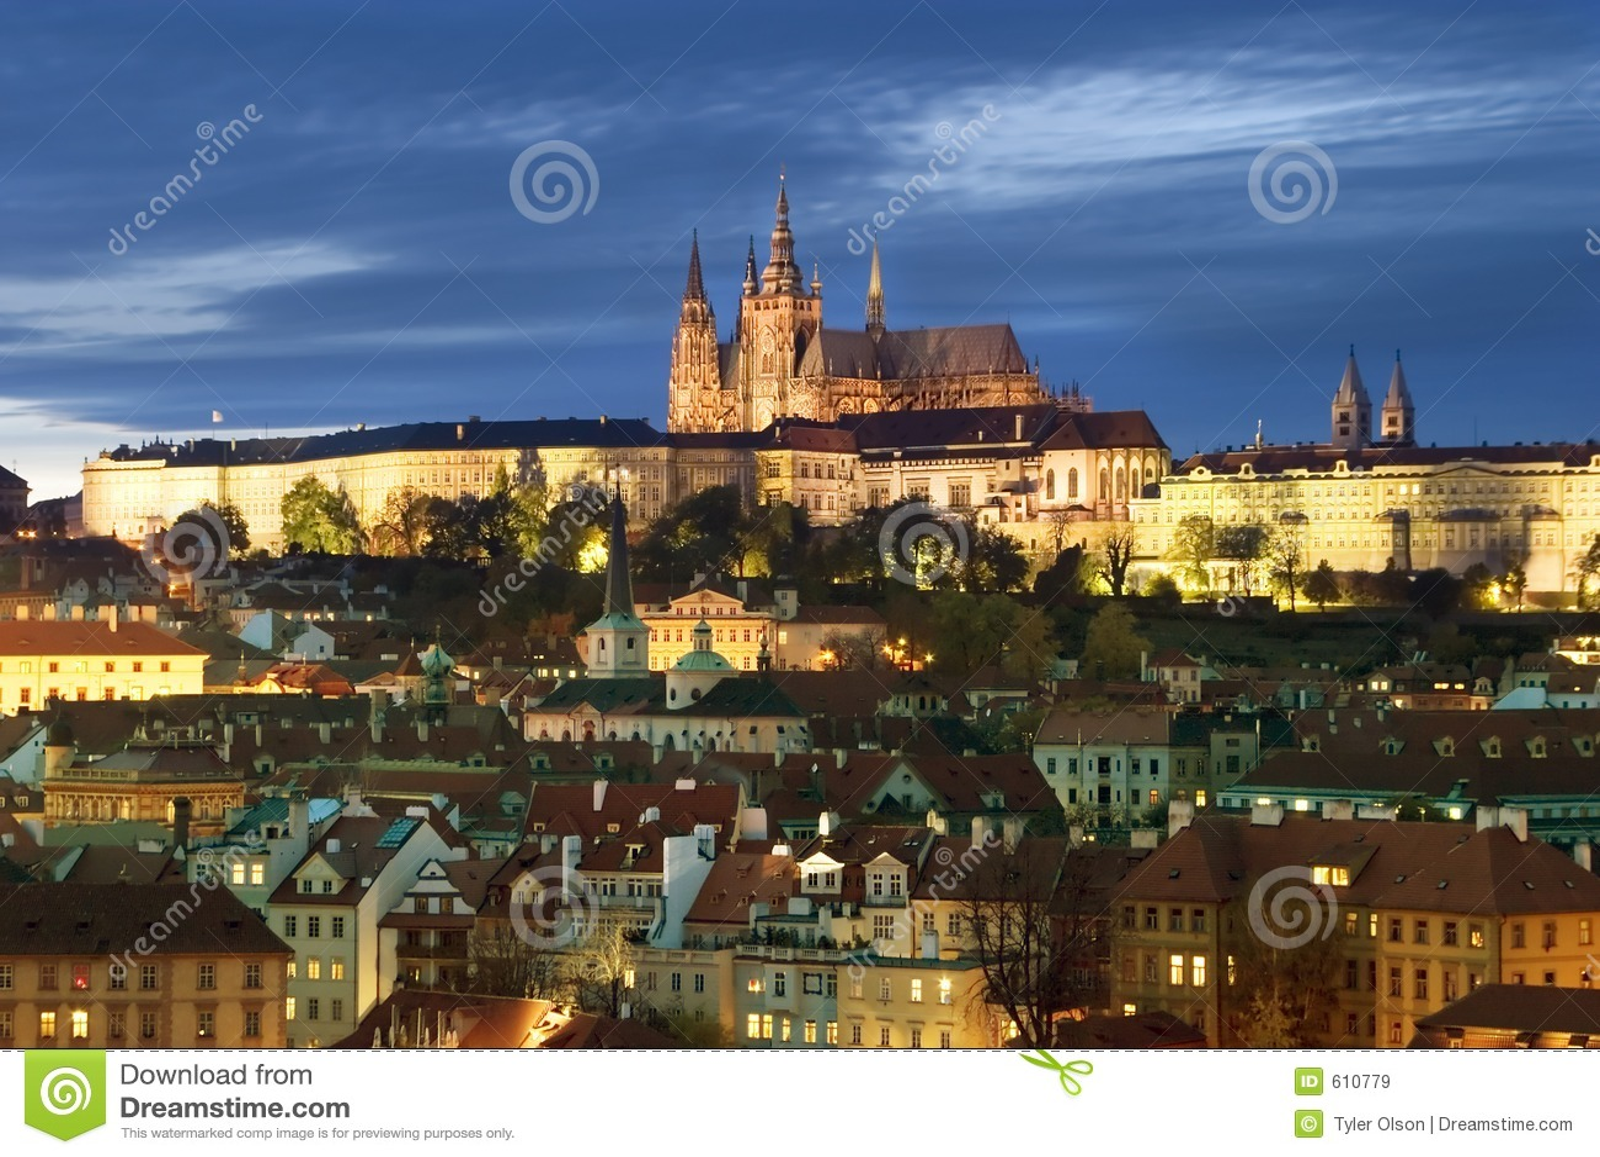 Prague Castle Cityscape